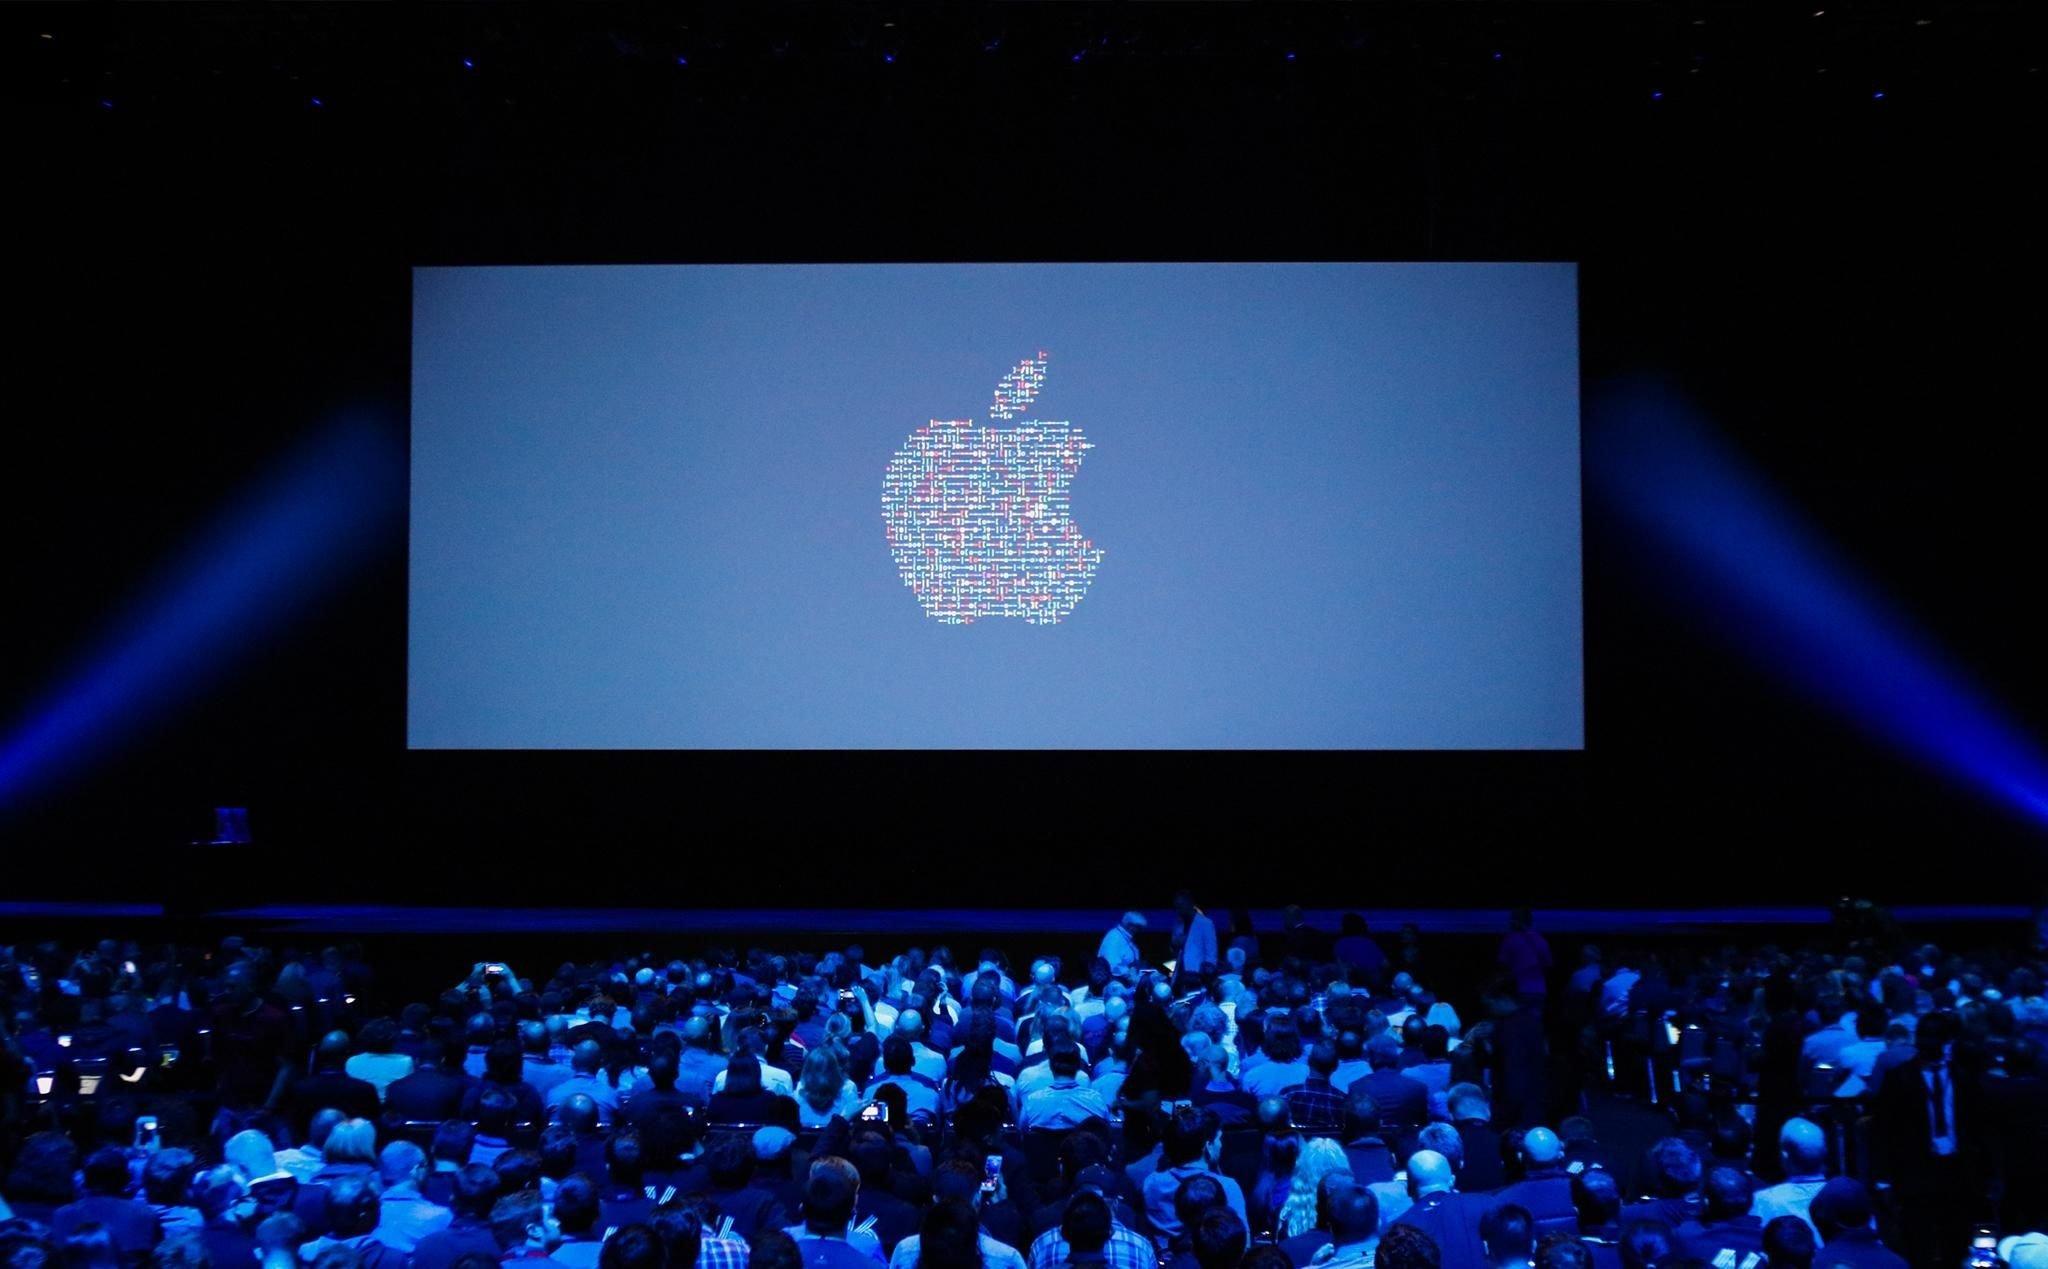 apple ecrã com logo da empresa